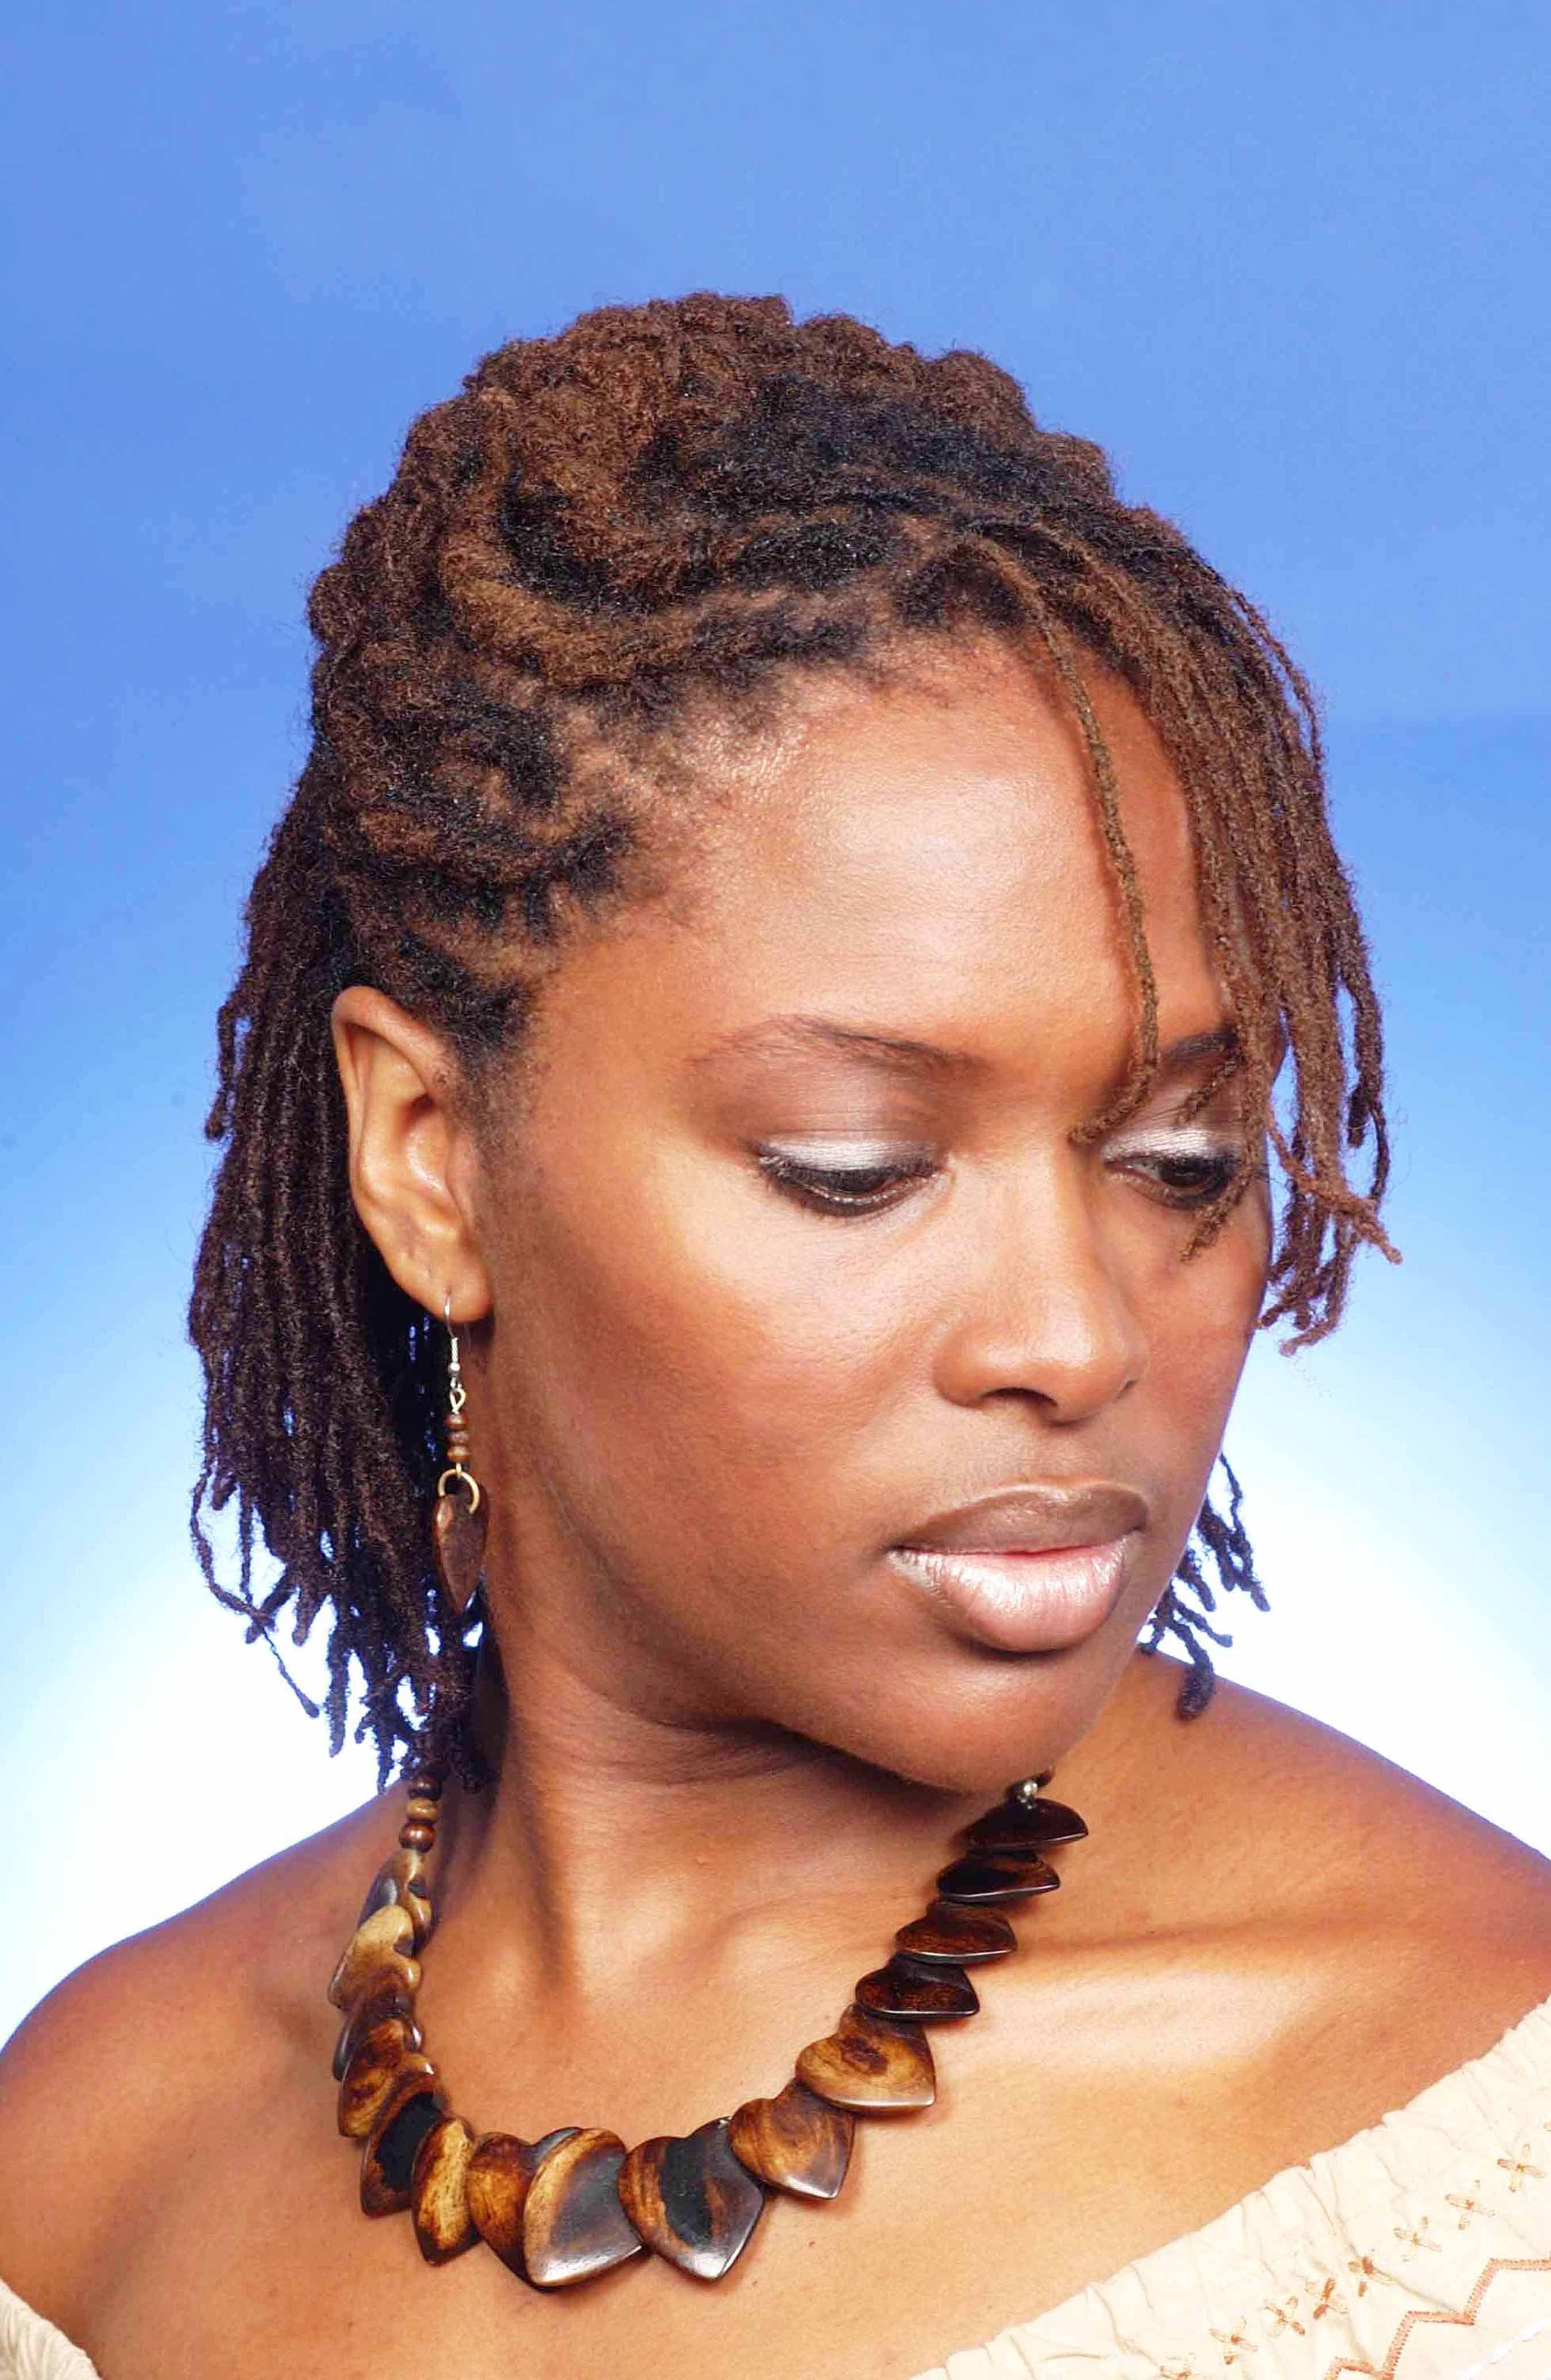 sisterlocks hairstyles | sisterlocks styles - page 2